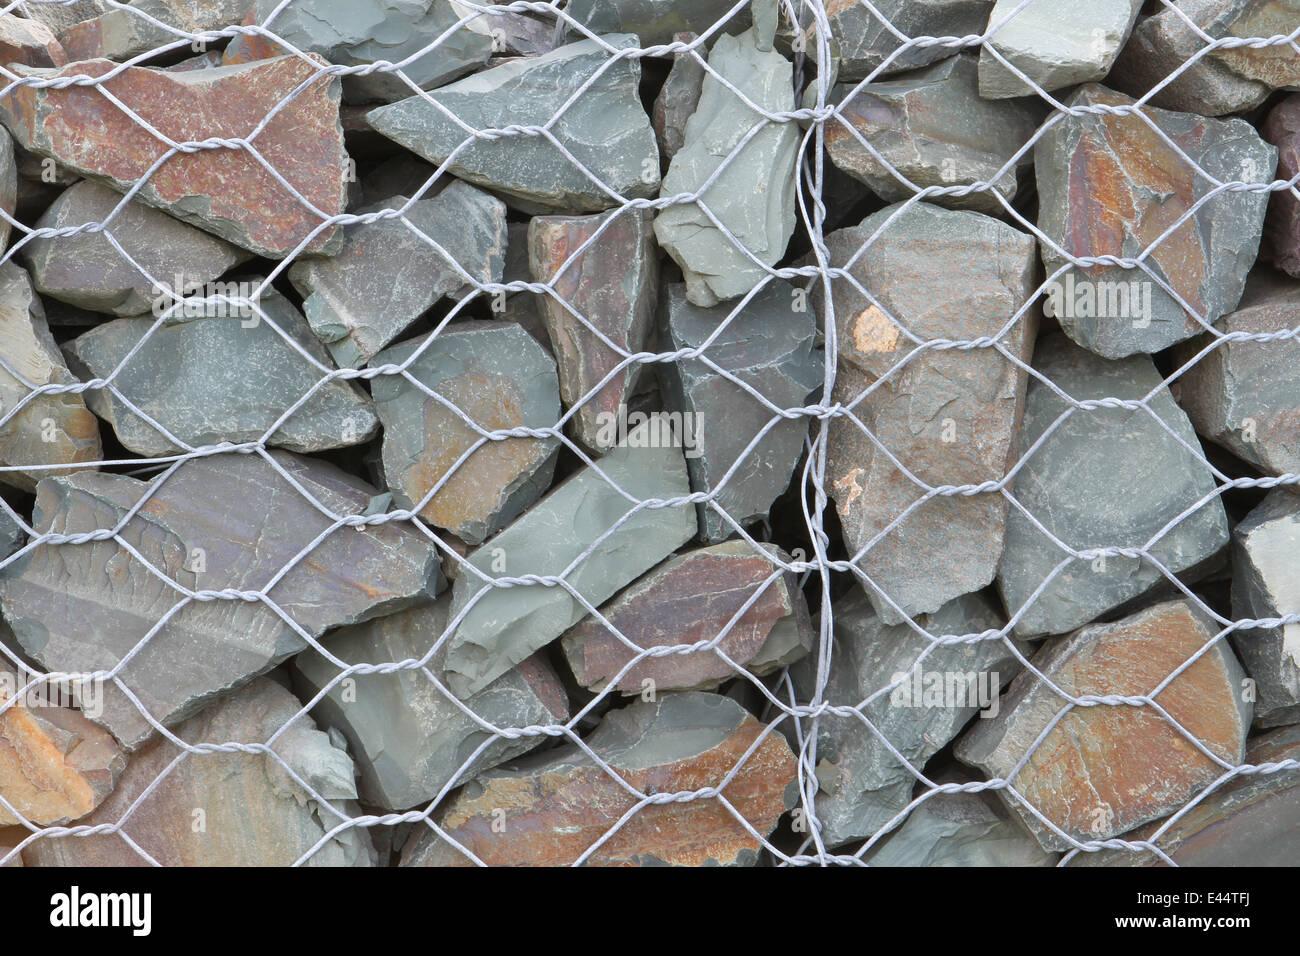 Rock-Zaun mit Split Rock und sechseckigen wie Draht Maschendraht ...